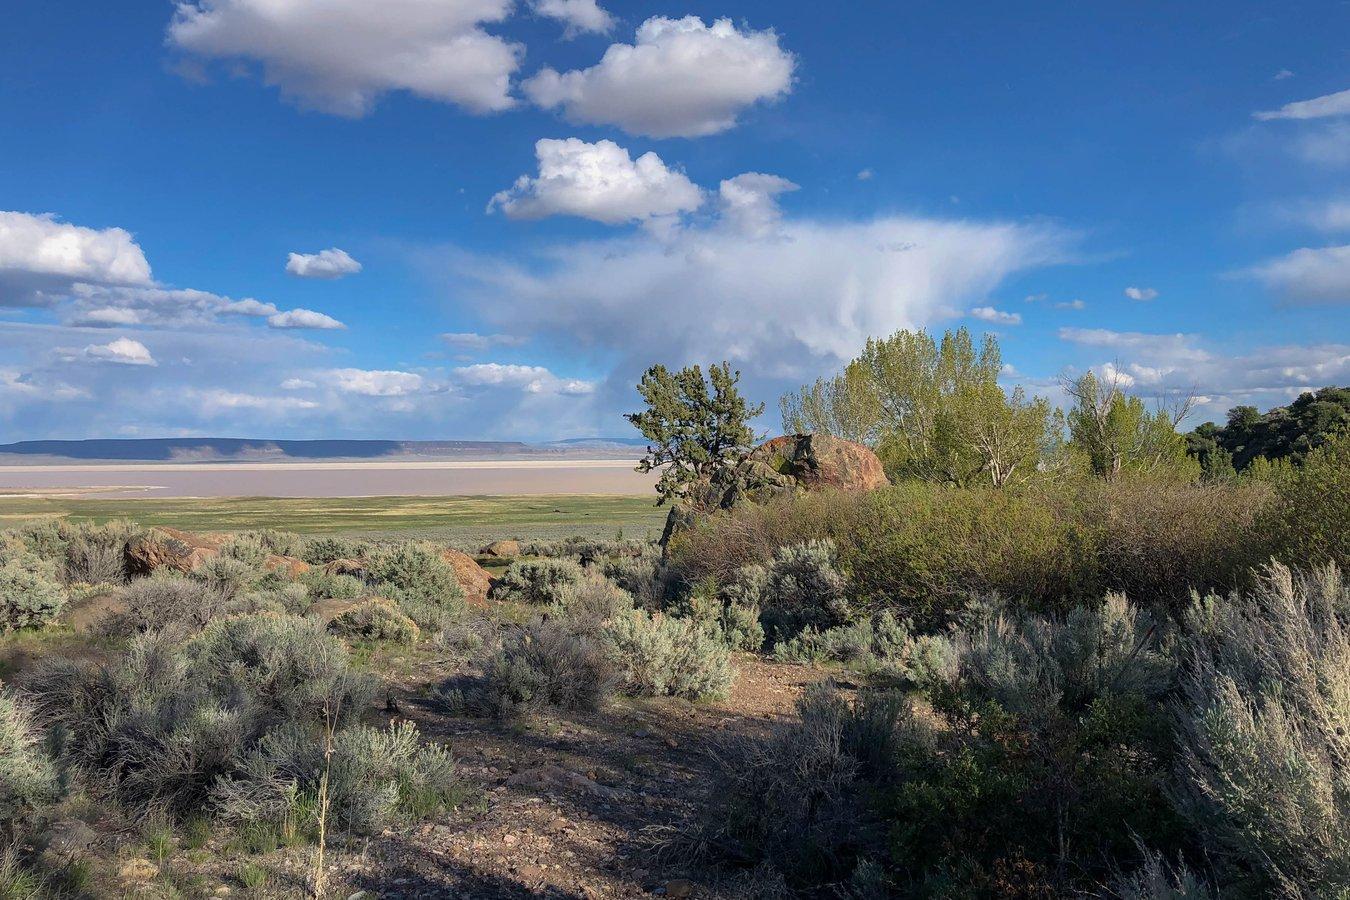 Alvord desert landscape